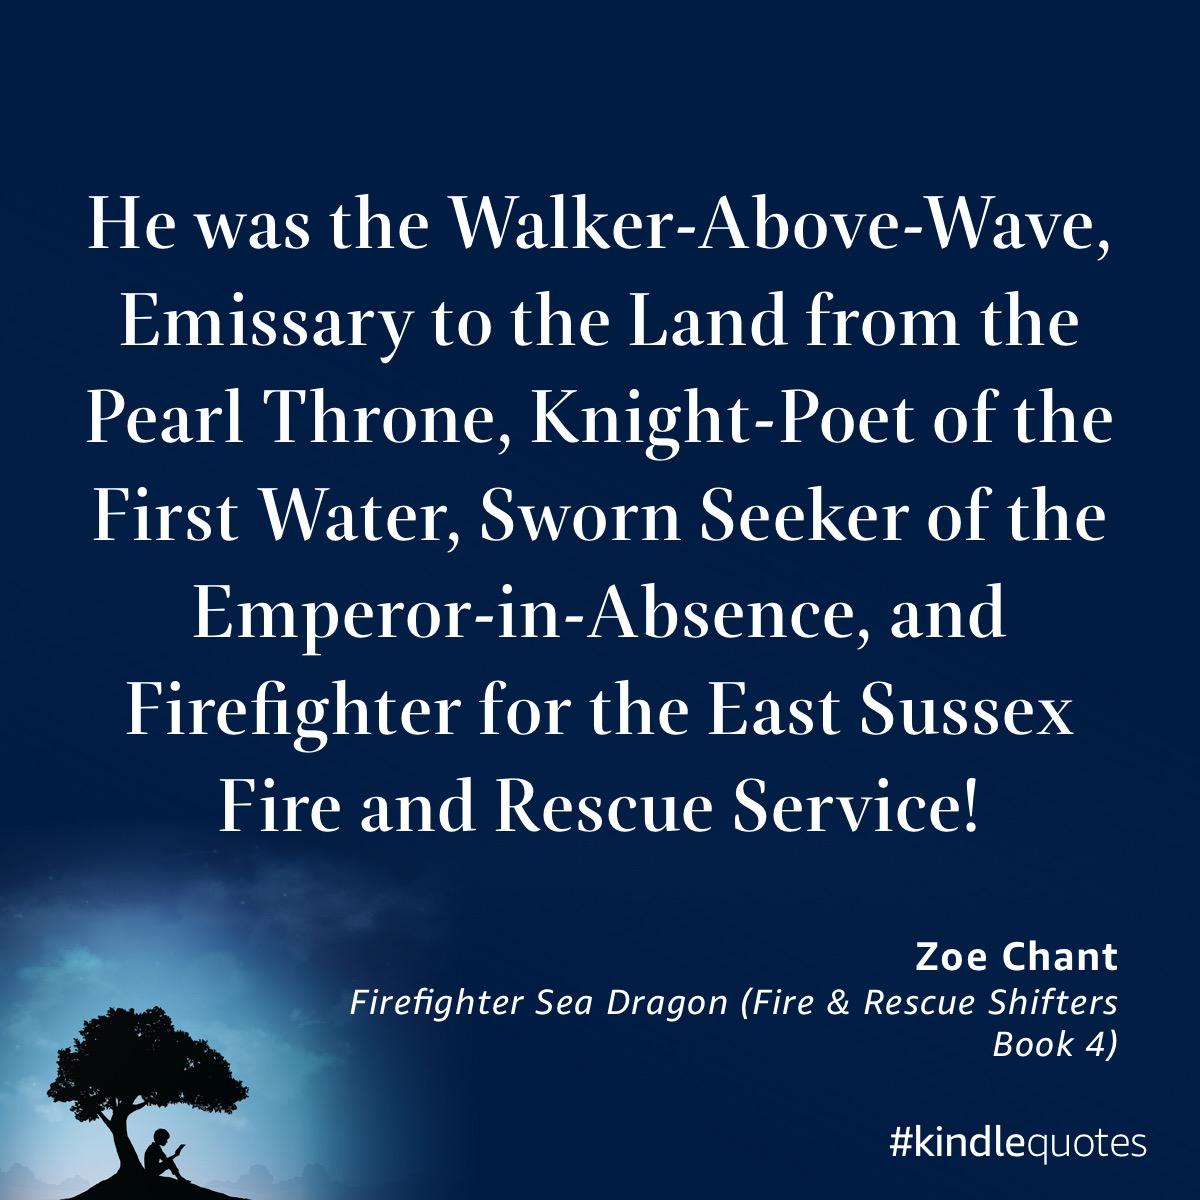 Book quote Zoe Chant